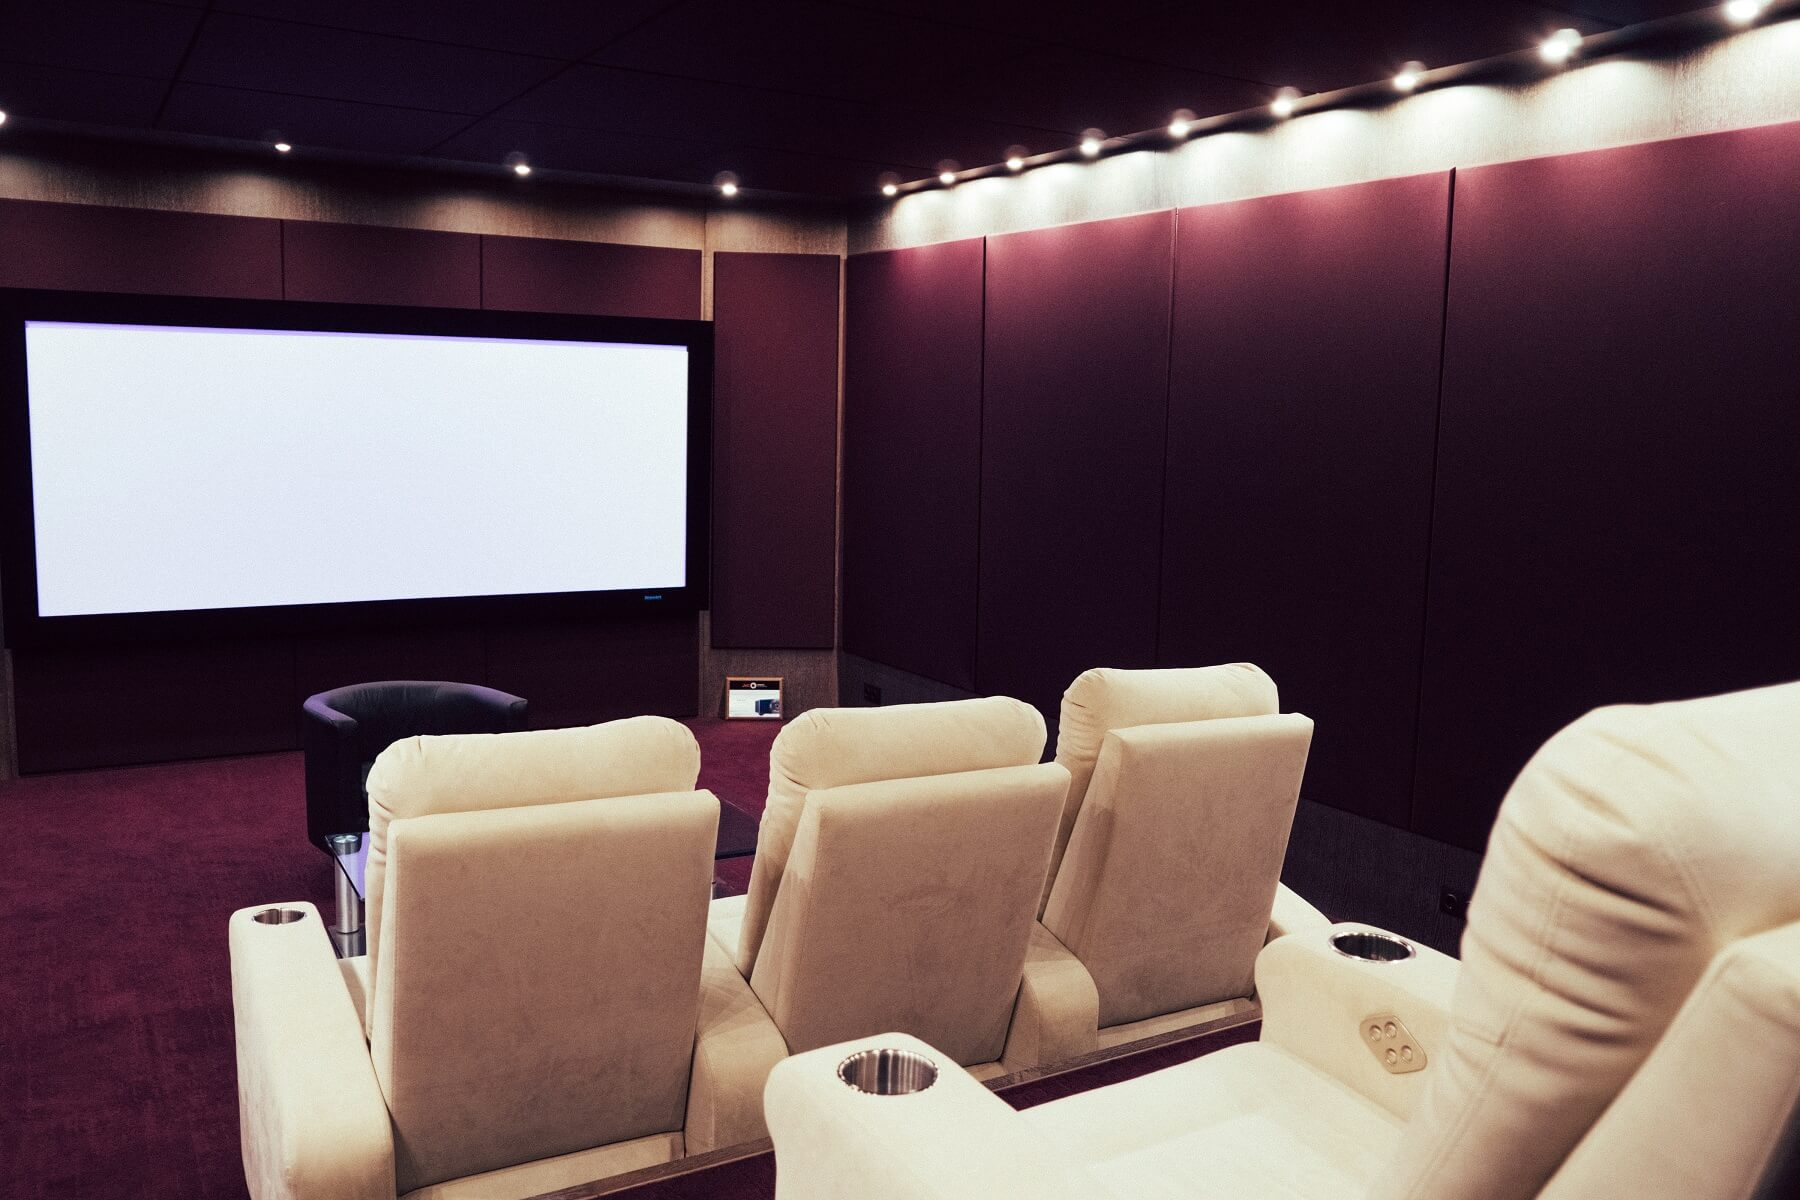 Дайджест: 10 материалов об экранах и проекторах для домашнего кинотеатра - 2